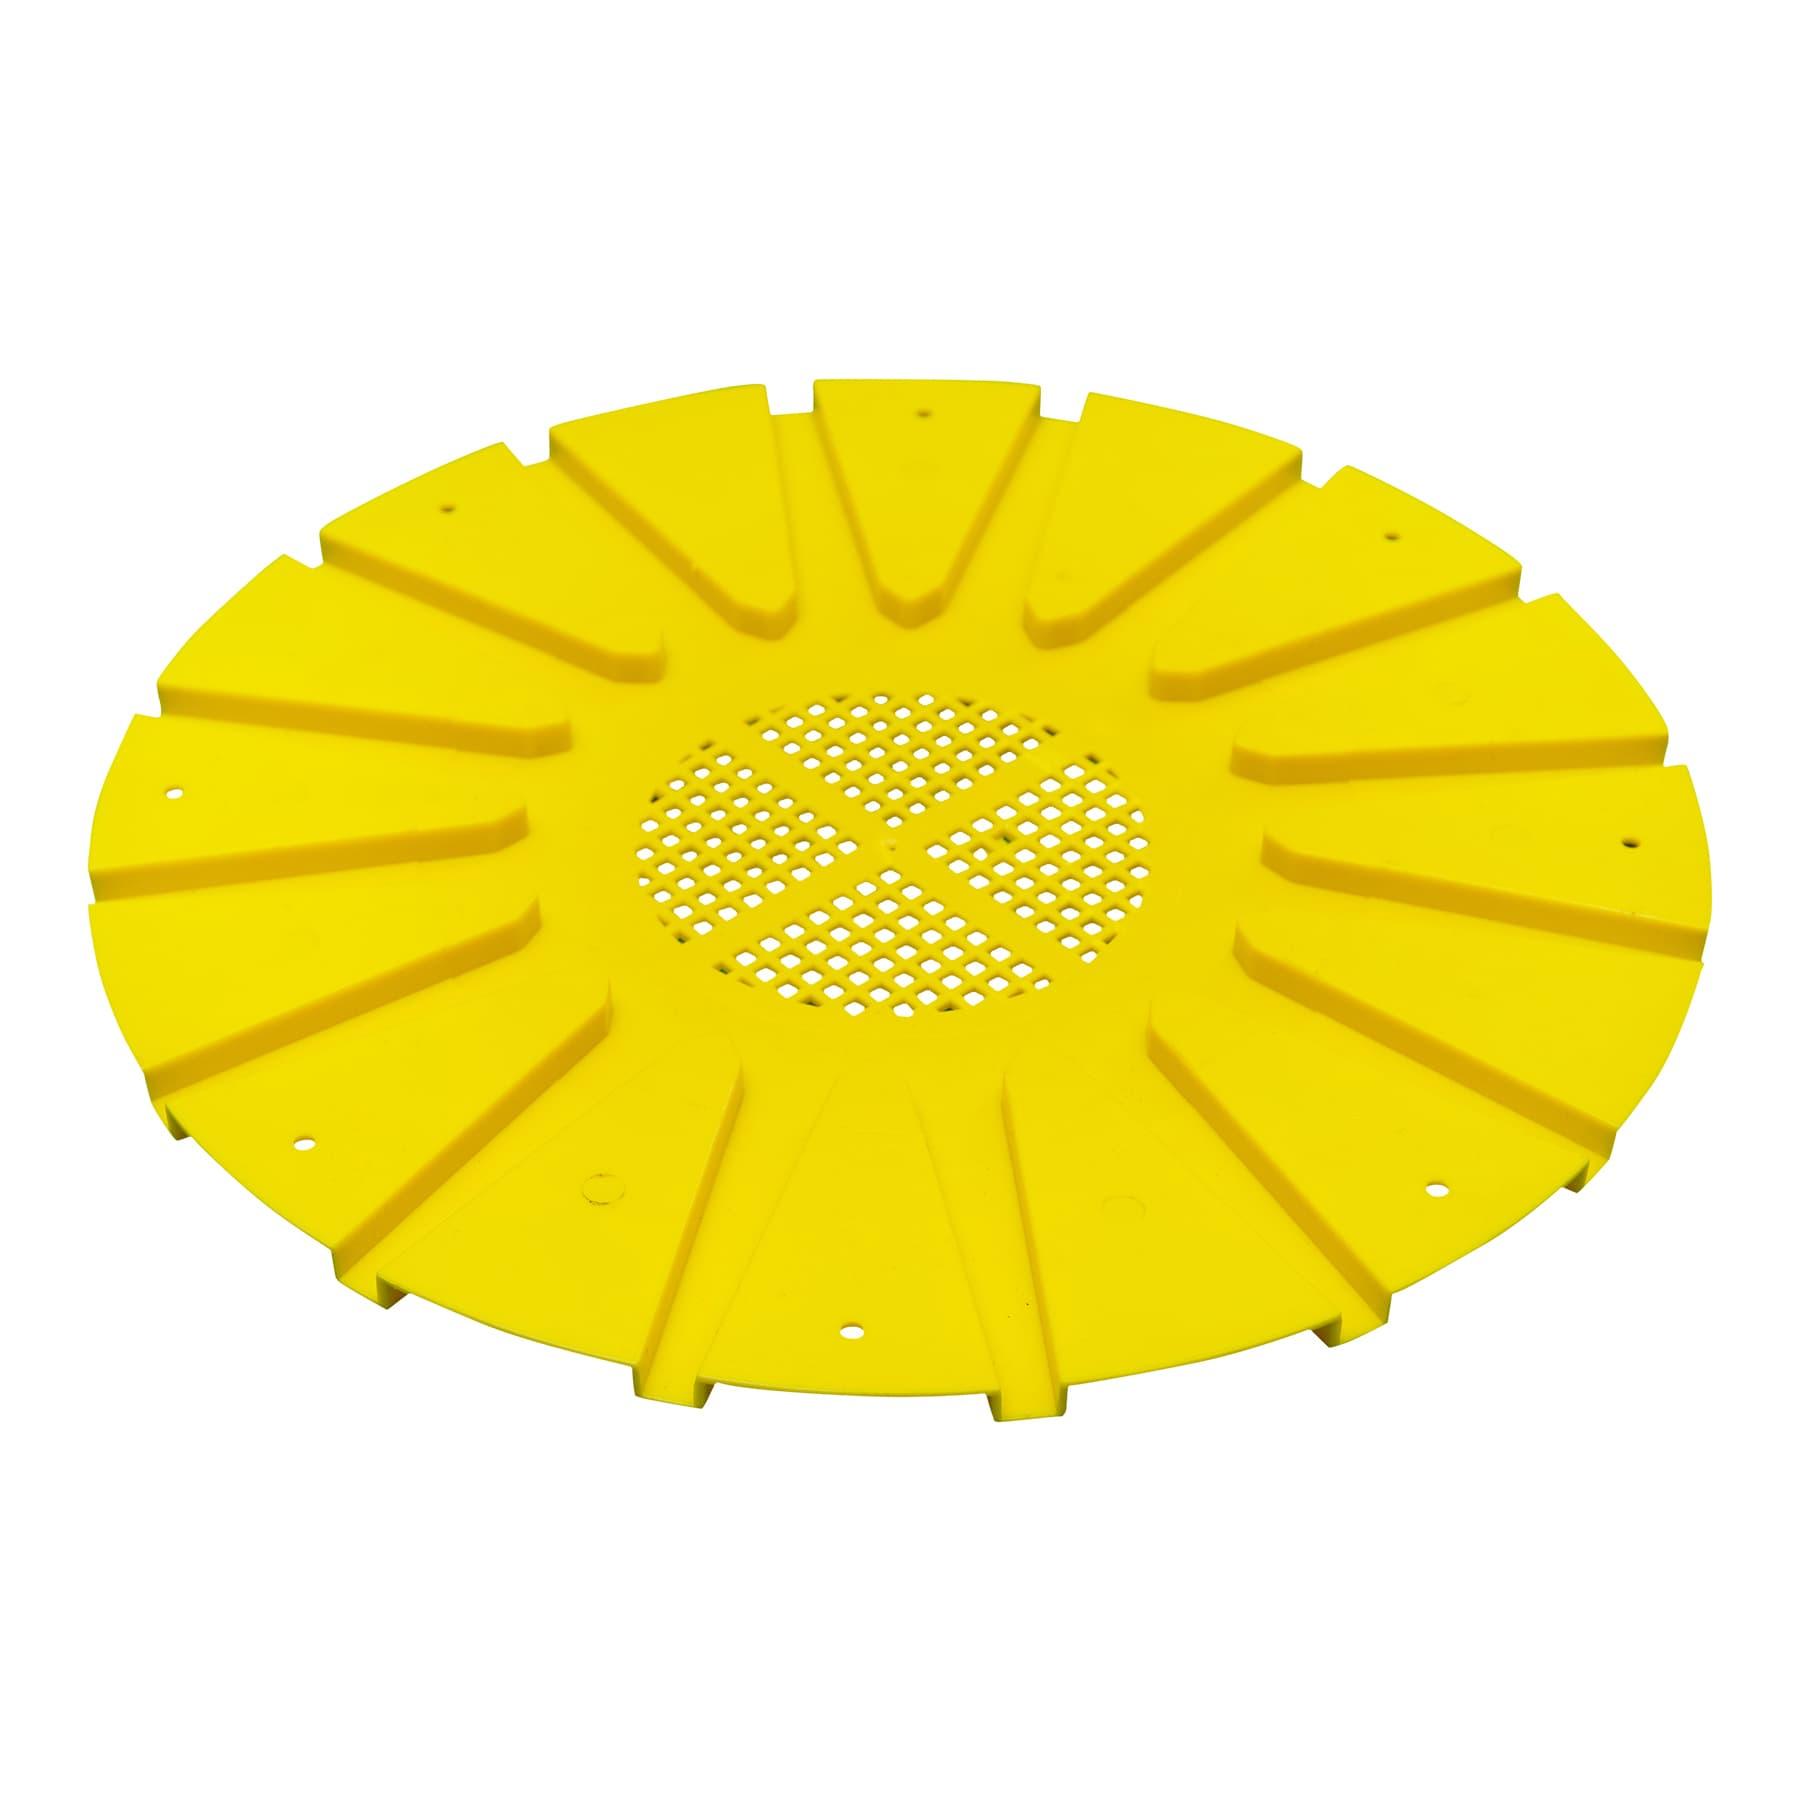 Große Bienenfluchtsternförmig mit 16 Ausgängen